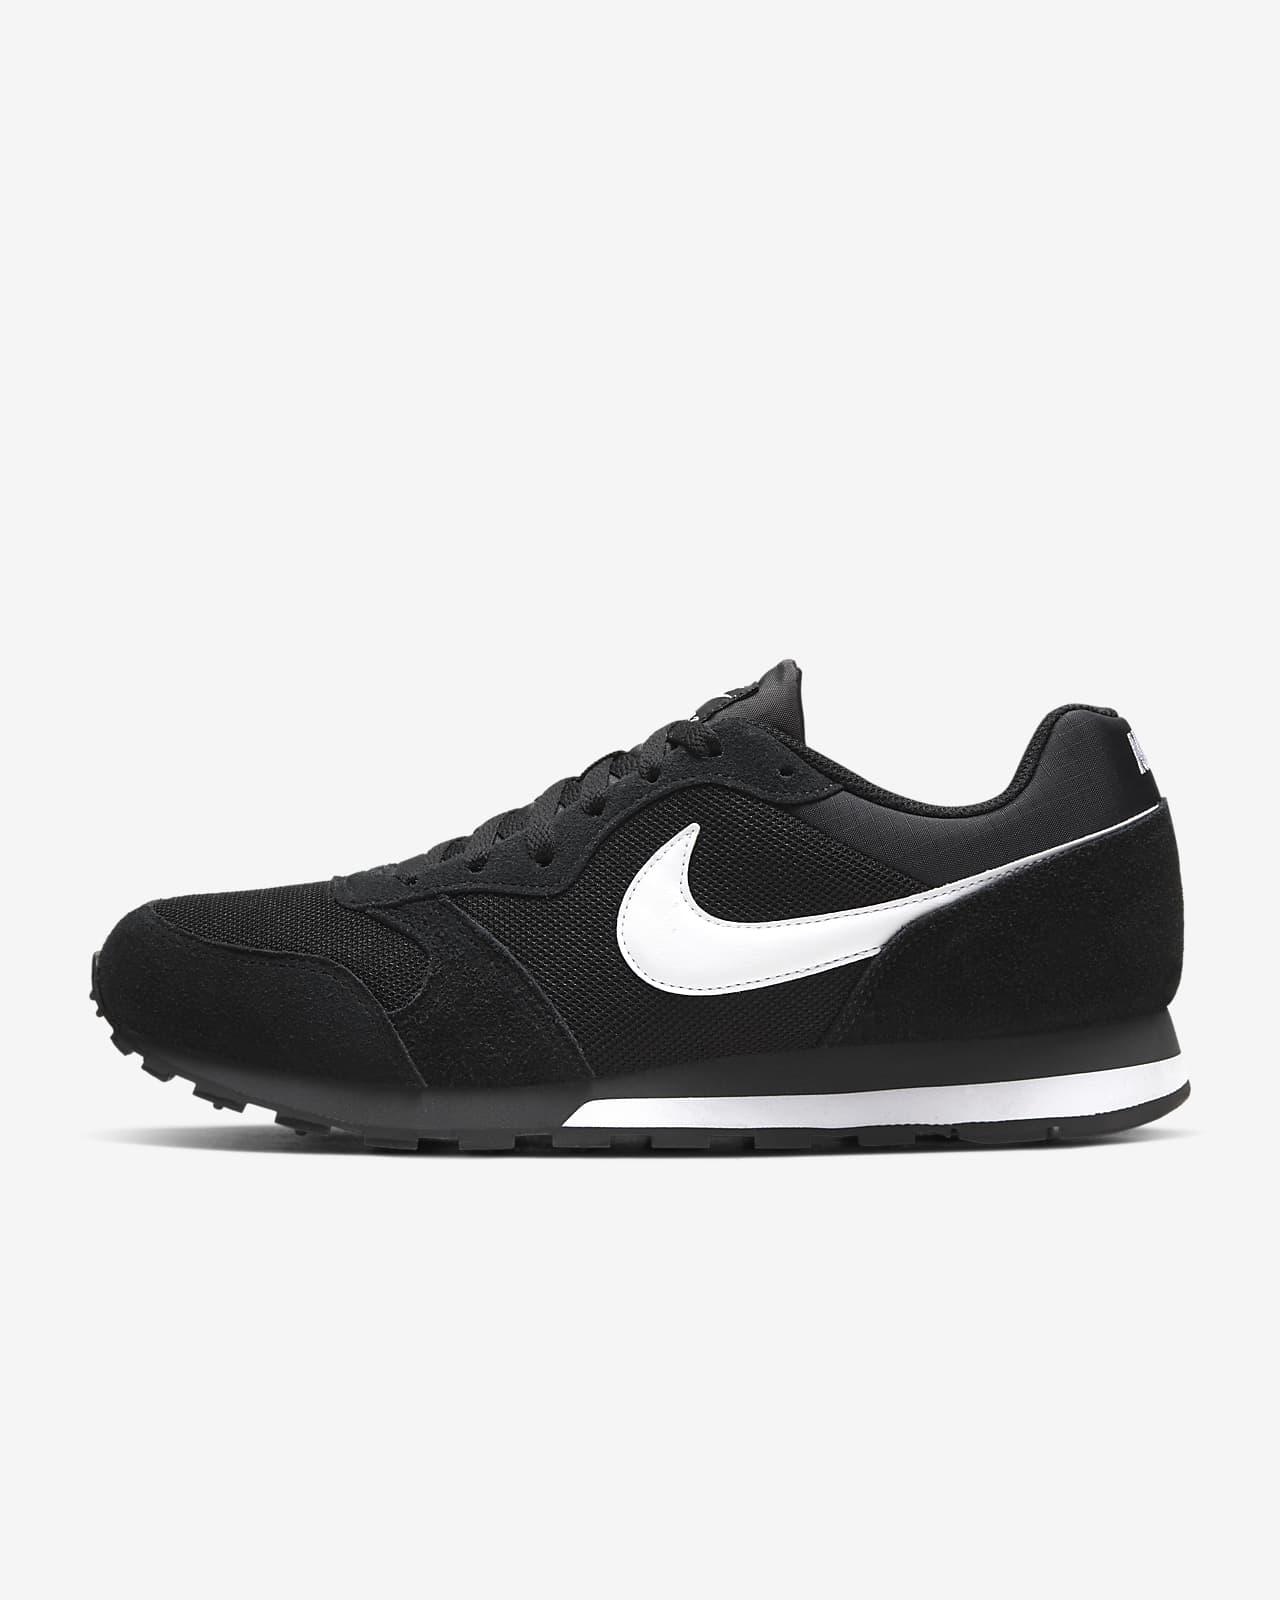 centavo Collar Clancy  Nike MD Runner 2 Zapatillas - Hombre. Nike ES